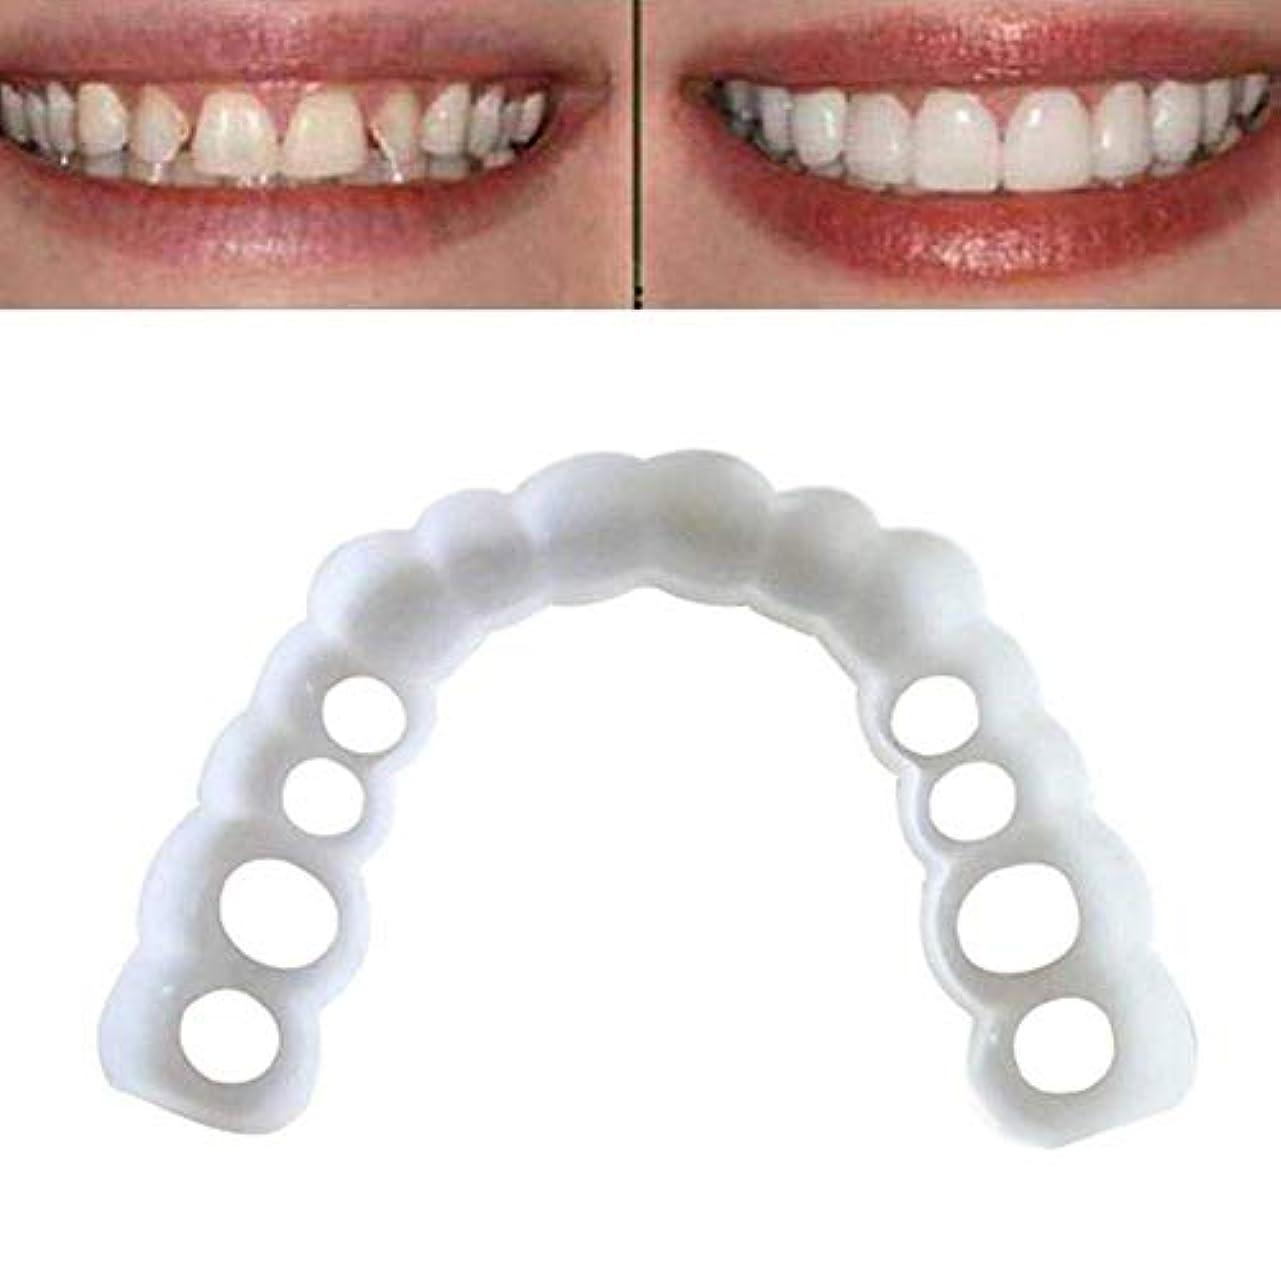 おとこ麻痺させる化粧品偽歯の3ペアは、快適な欠落タフ歯のベニアカバー不規則、染色し、ひび割れた歯を取り付け